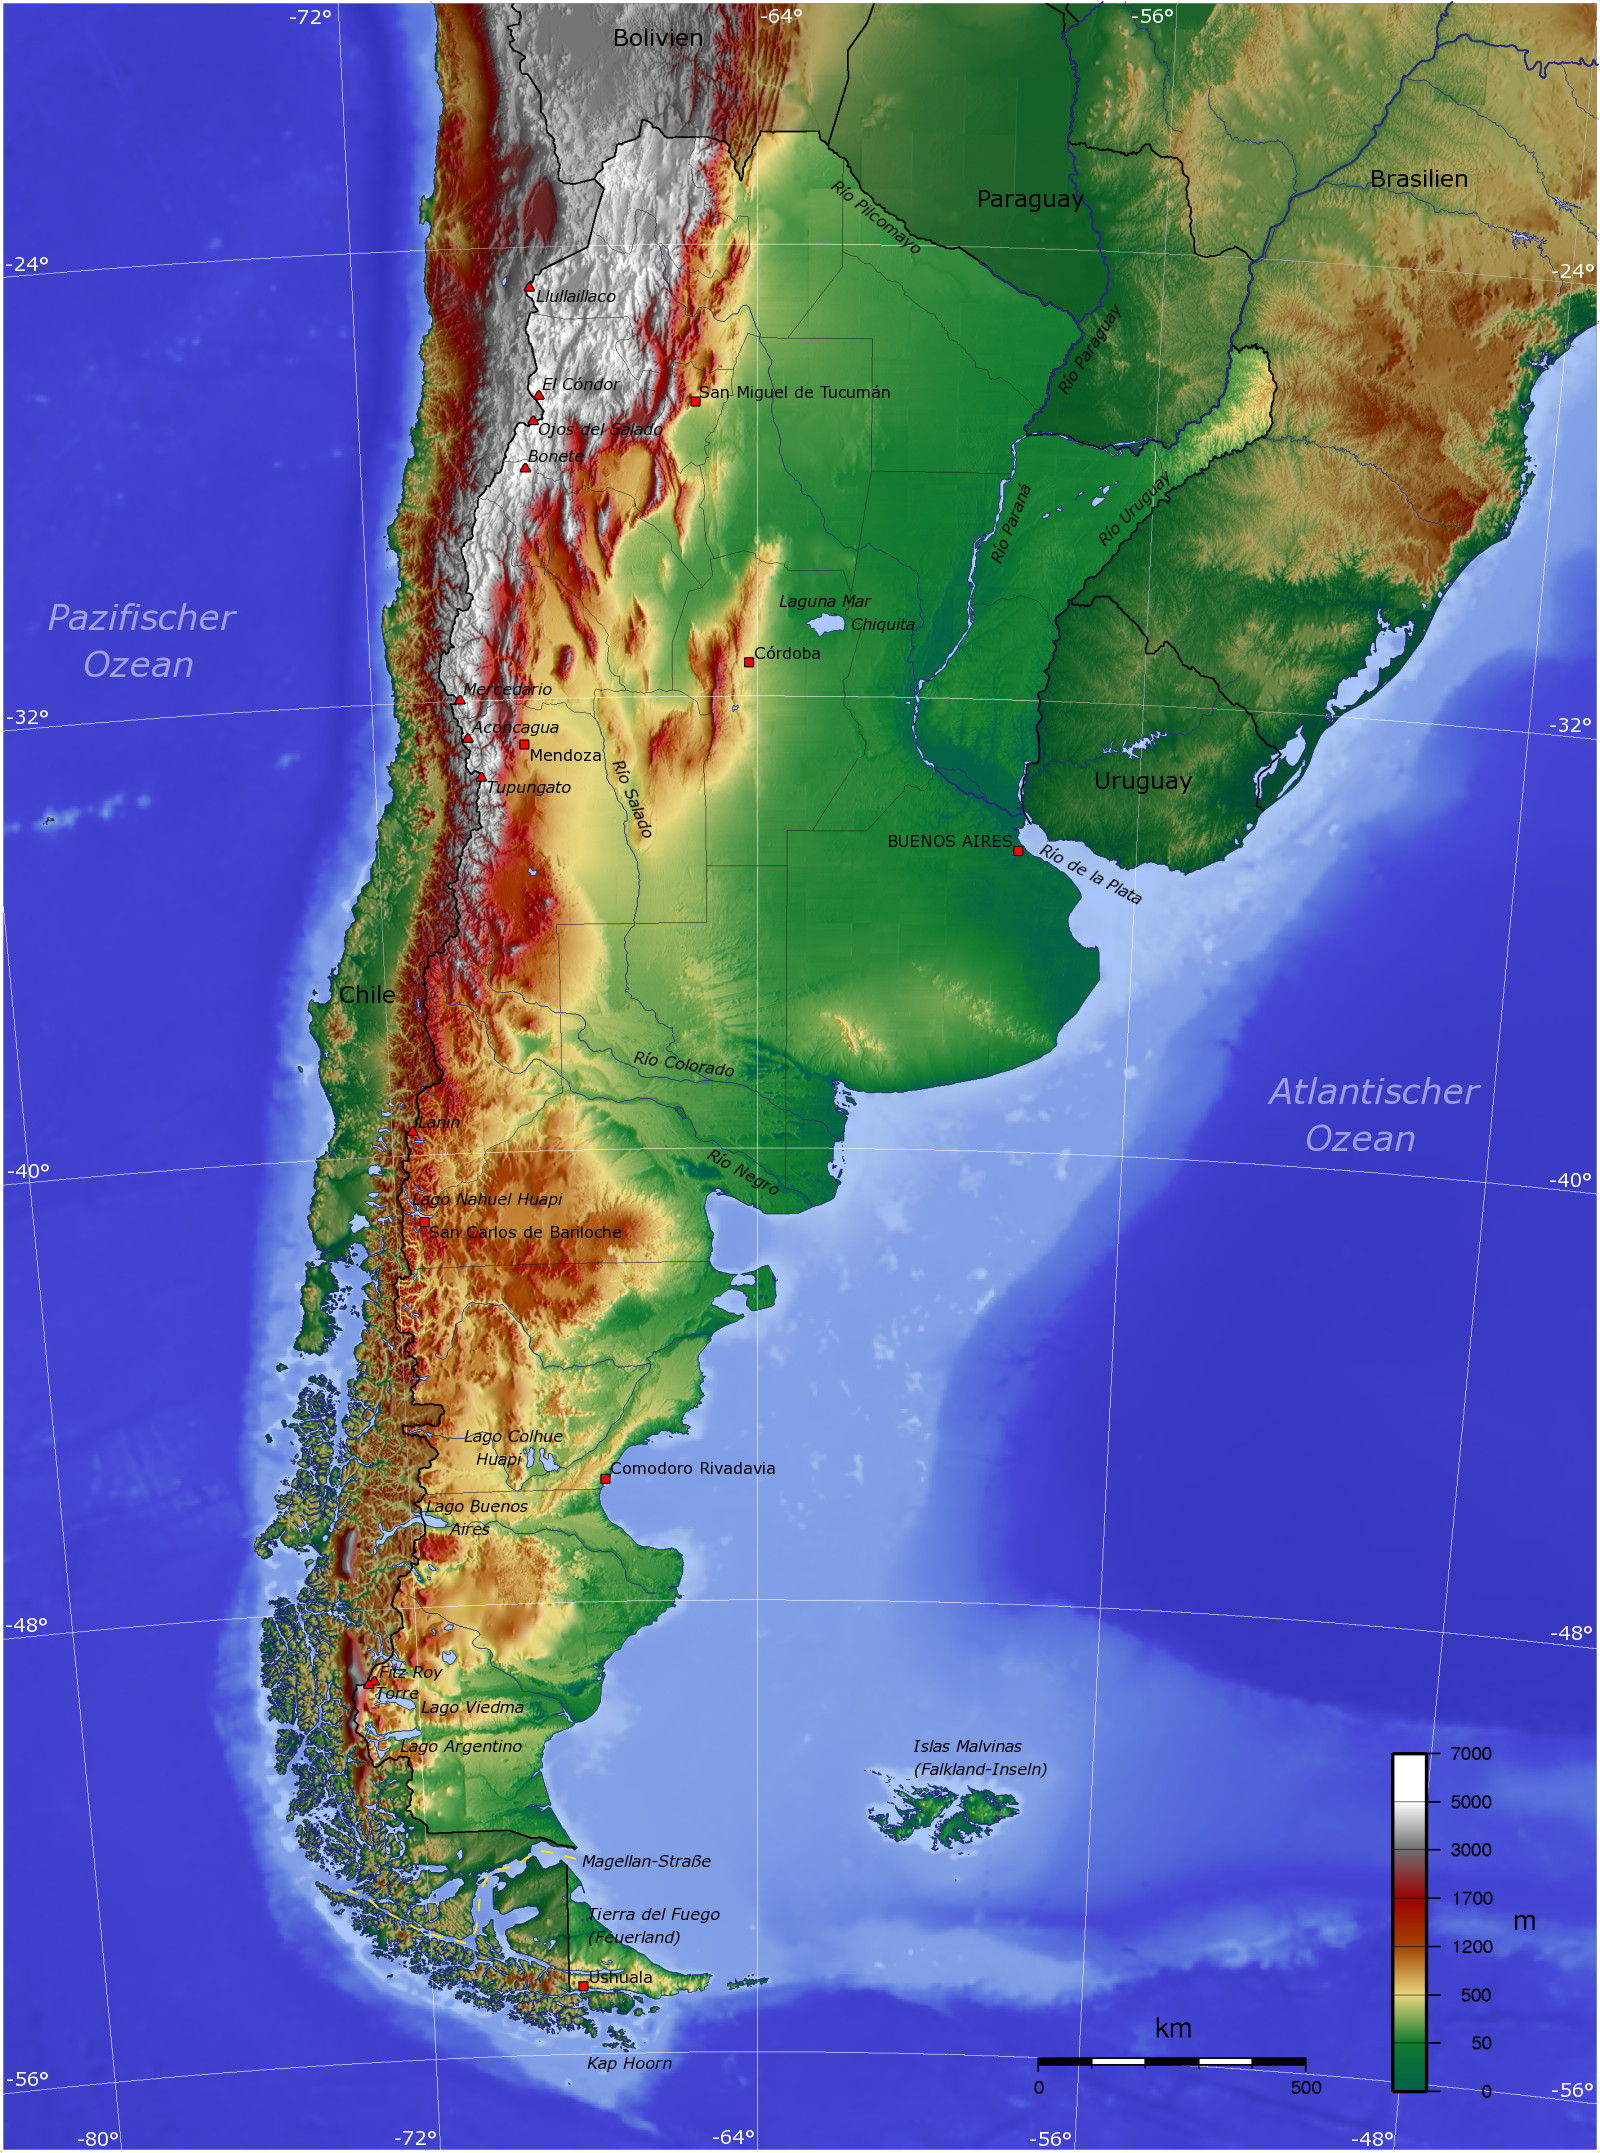 argentinien landkarte Landkarte Argentinien (Topographische Karte) : Weltkarte. argentinien landkarte